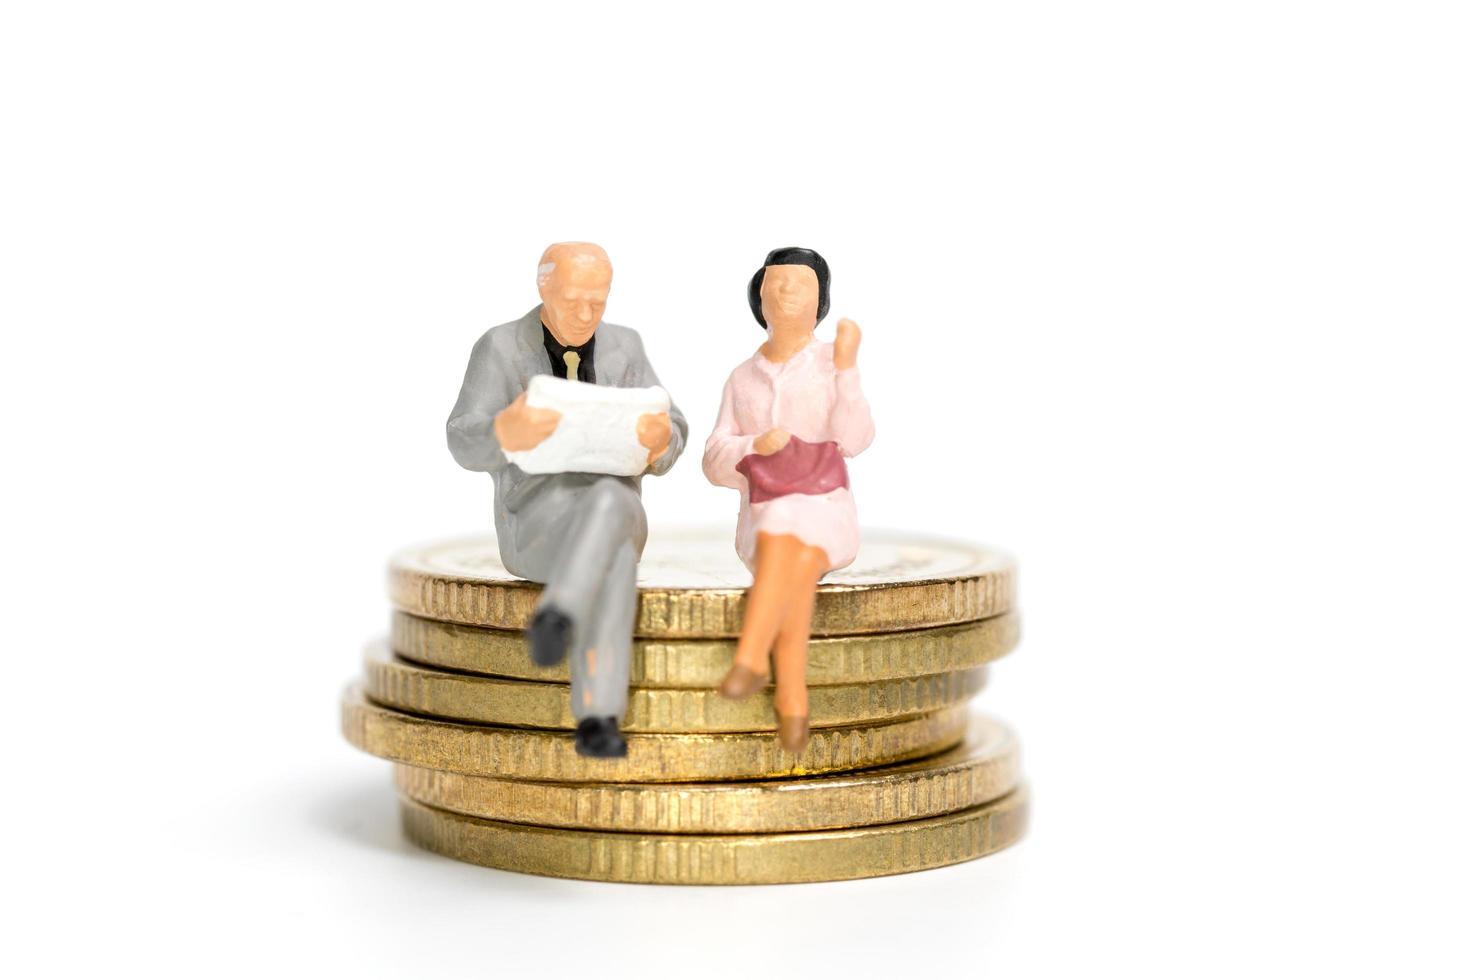 Empresarios en miniatura sentados en una pila de monedas, dinero y concepto financiero foto